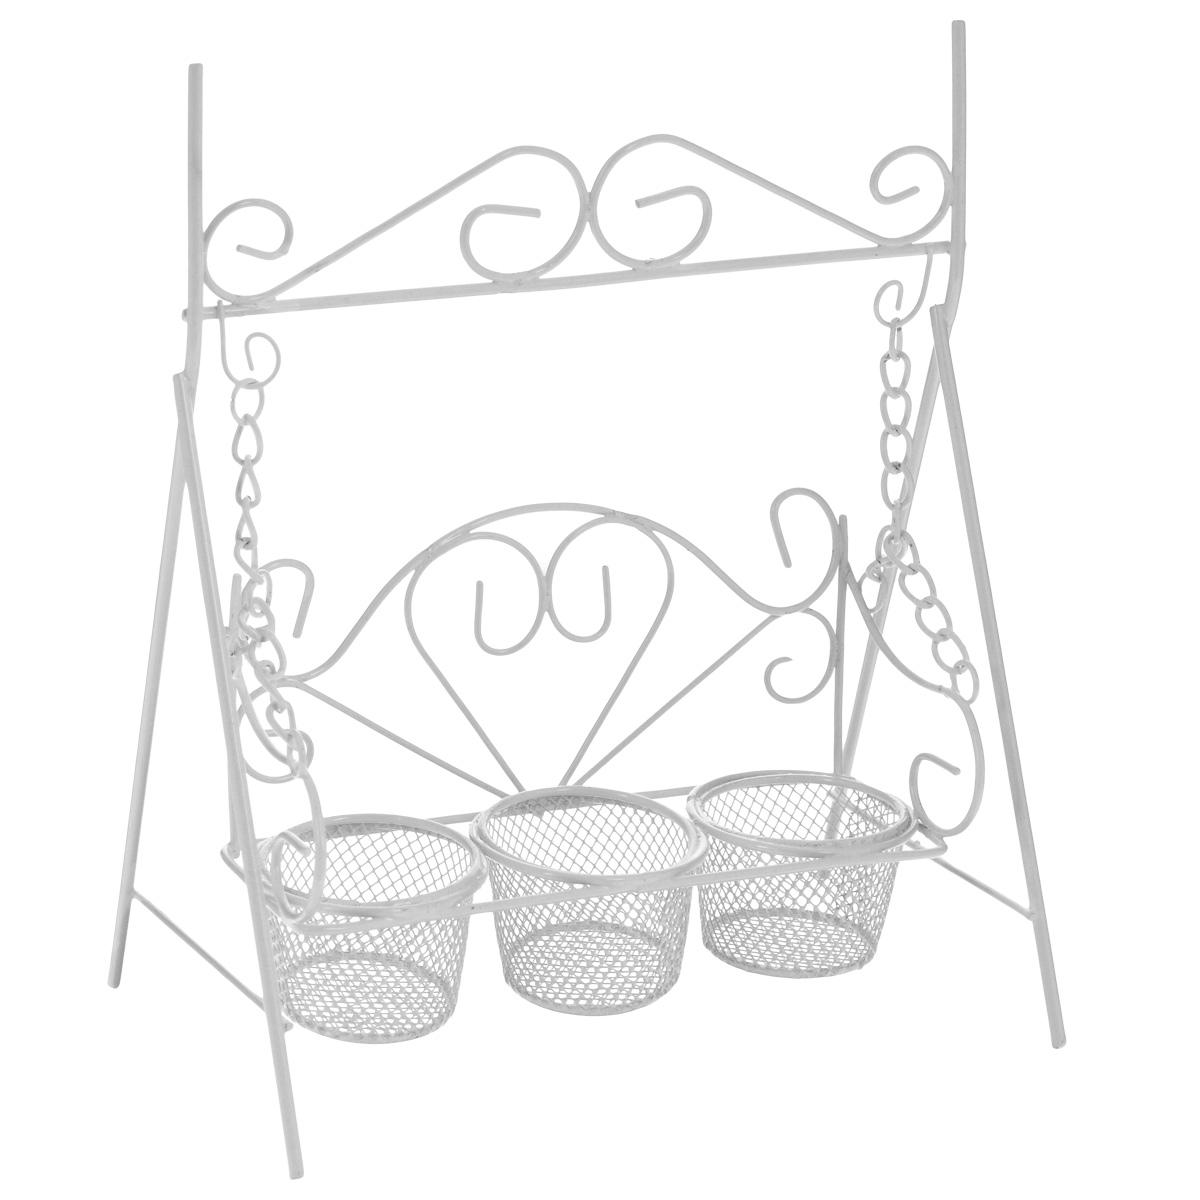 Подсвечник декоративный ScrapBerrys Качели, на 3 свечи, цвет: белый, 17,5 х 11 х 21 смSCB271044Подсвечник ScrapBerrys Качели выполнен из высококачественного металла и предназначен для трех чайных свечей. Подсвечник выполнен в виде небольших декоративных качелей. Изделие украшено изящными коваными узорами. Такой подсвечник подойдет для декора интерьера дома или офиса. Кроме того - это отличный вариант подарка для ваших близких и друзей. Размер подсвечника: 17,5 см х 11 см х 21 см. Диаметр отверстия для свечи: 4 см.